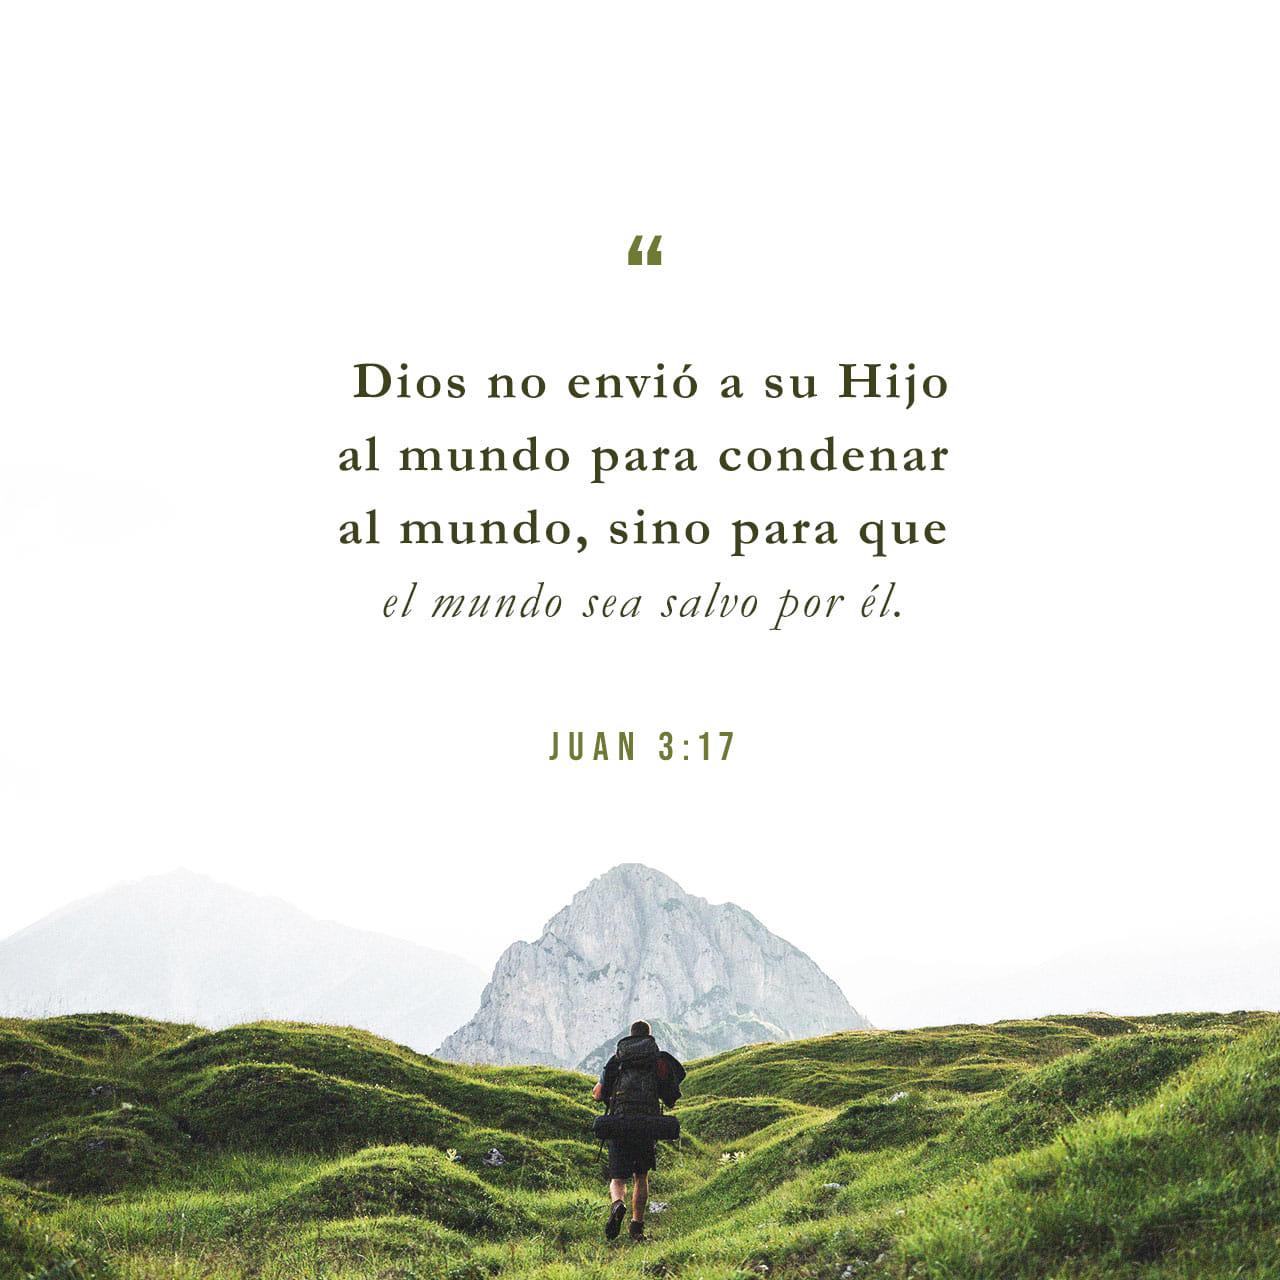 Dios nos dio vida eterna